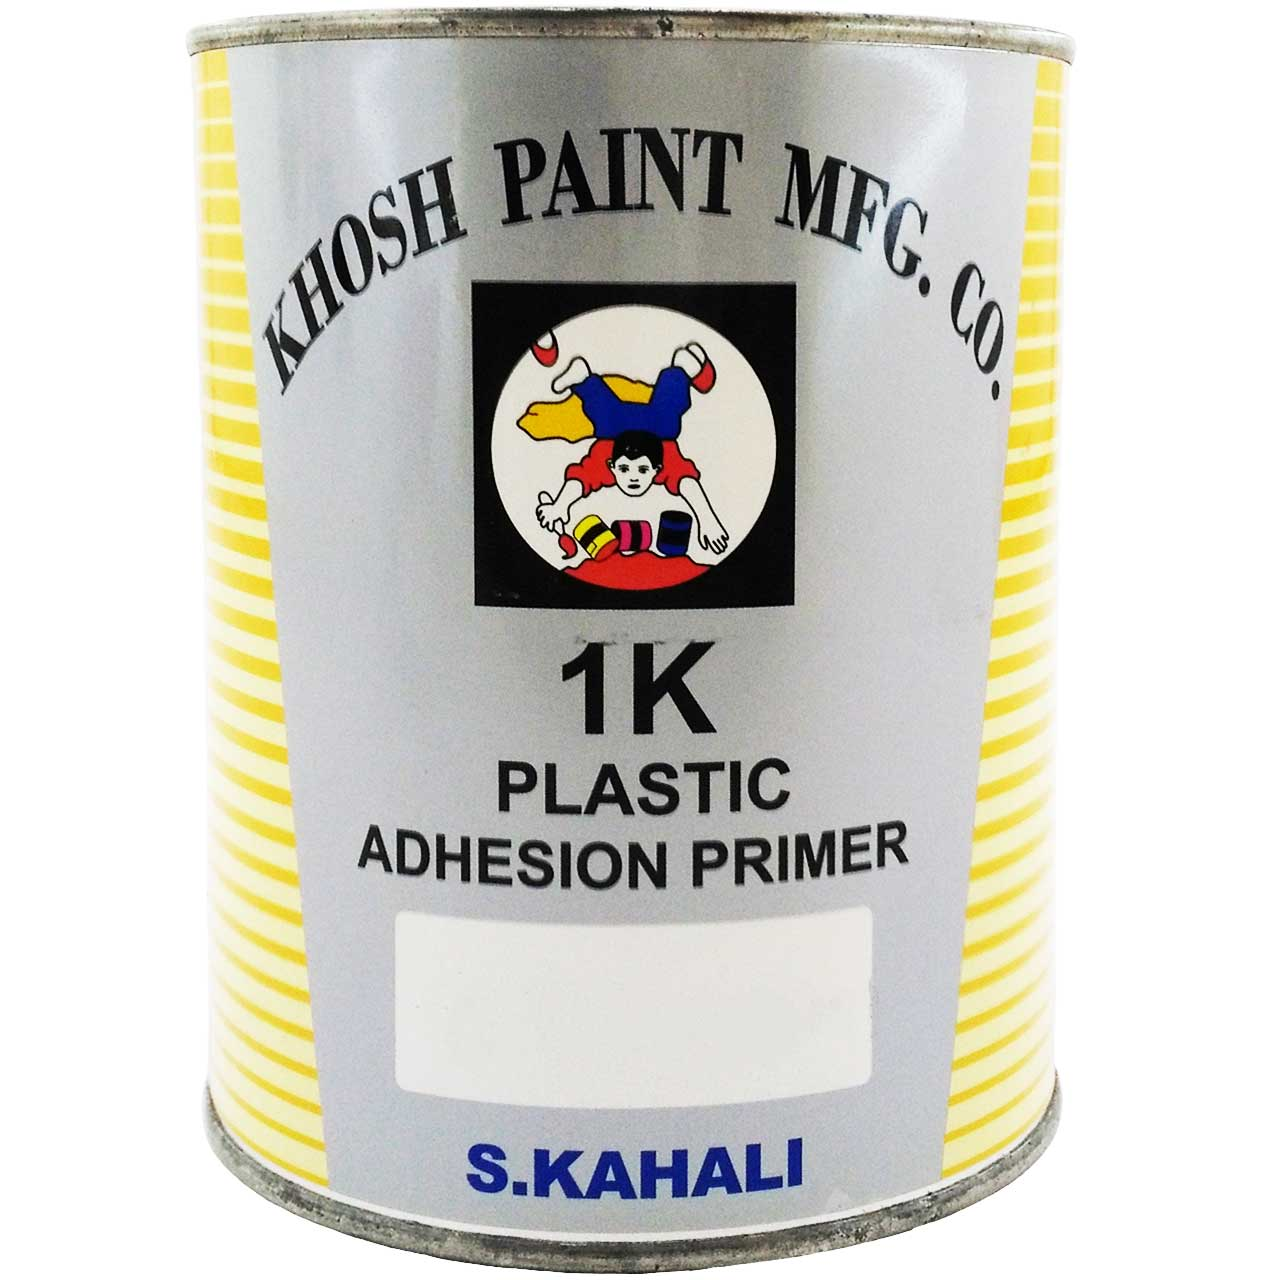 عکس رنگ آستر سطوح پلاستیک خوش مدل ADHESION PRIMER حجم 1000 میلی لیتر